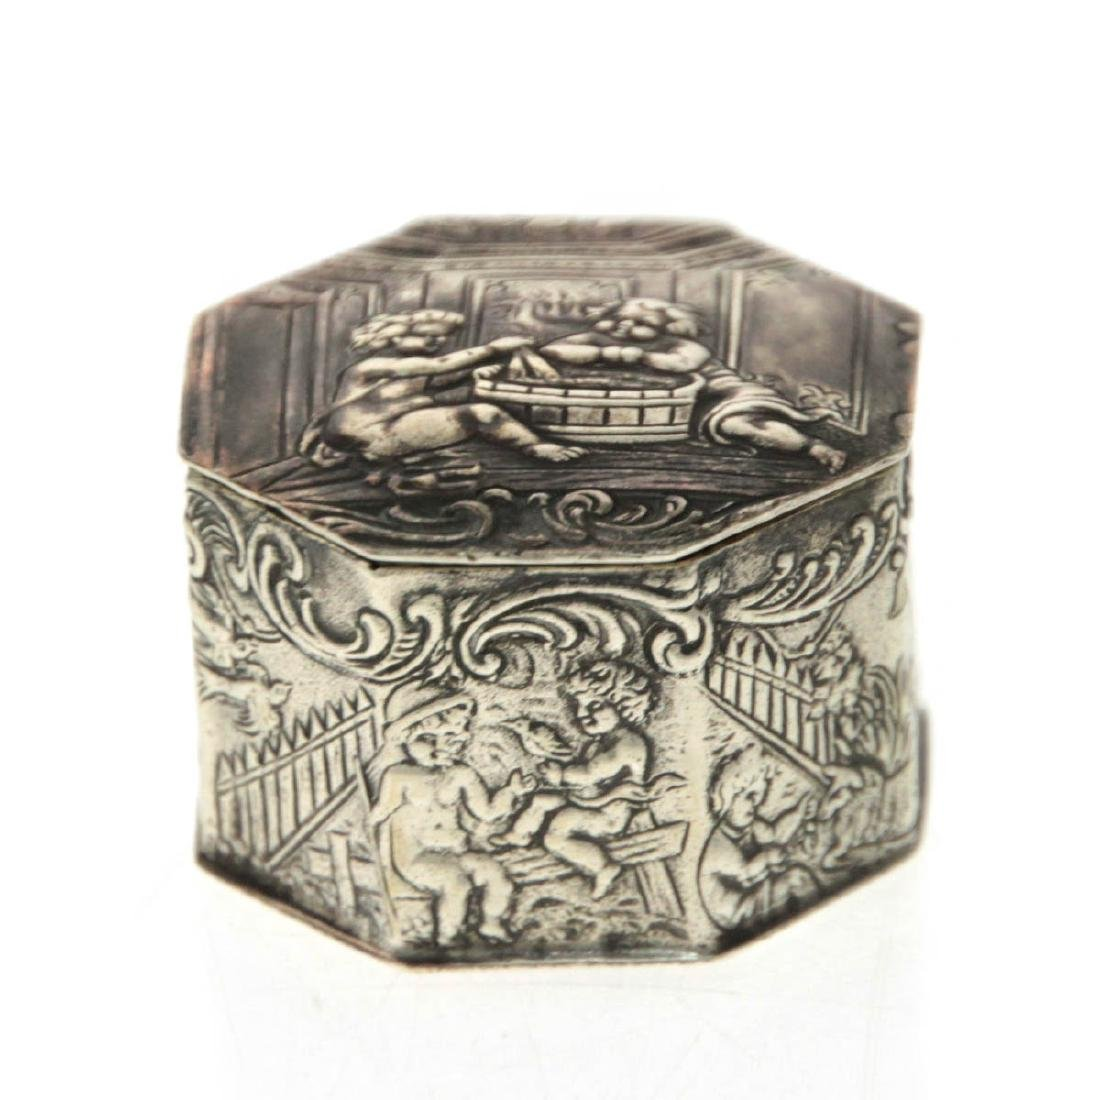 Silver Snuff Box, Gebruder Dingeldein, Hanau, Germany,